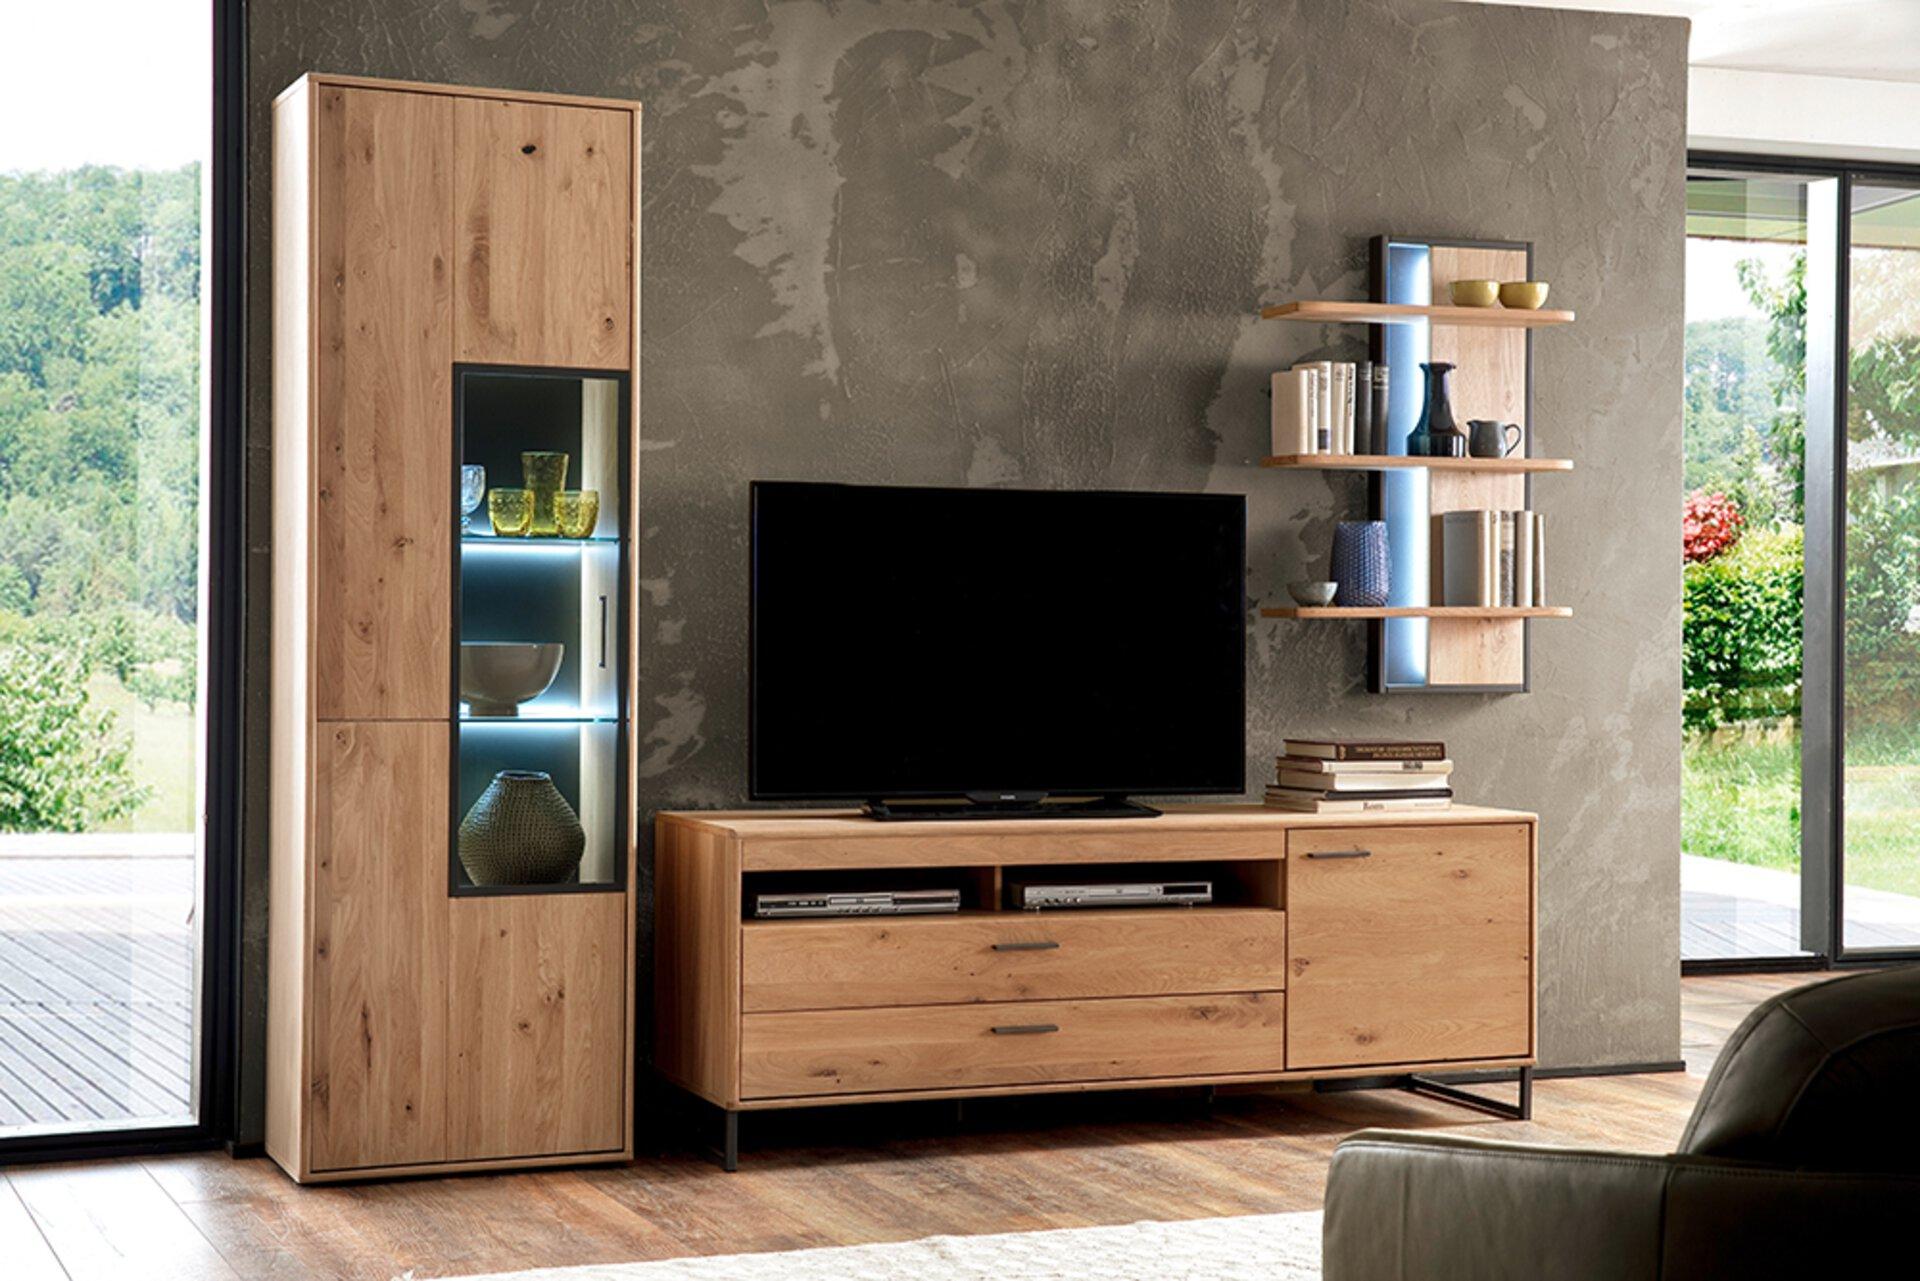 Wohnwand PUBLISH Vito Holzwerkstoff mehrfarbig 50 x 207 x 298 cm